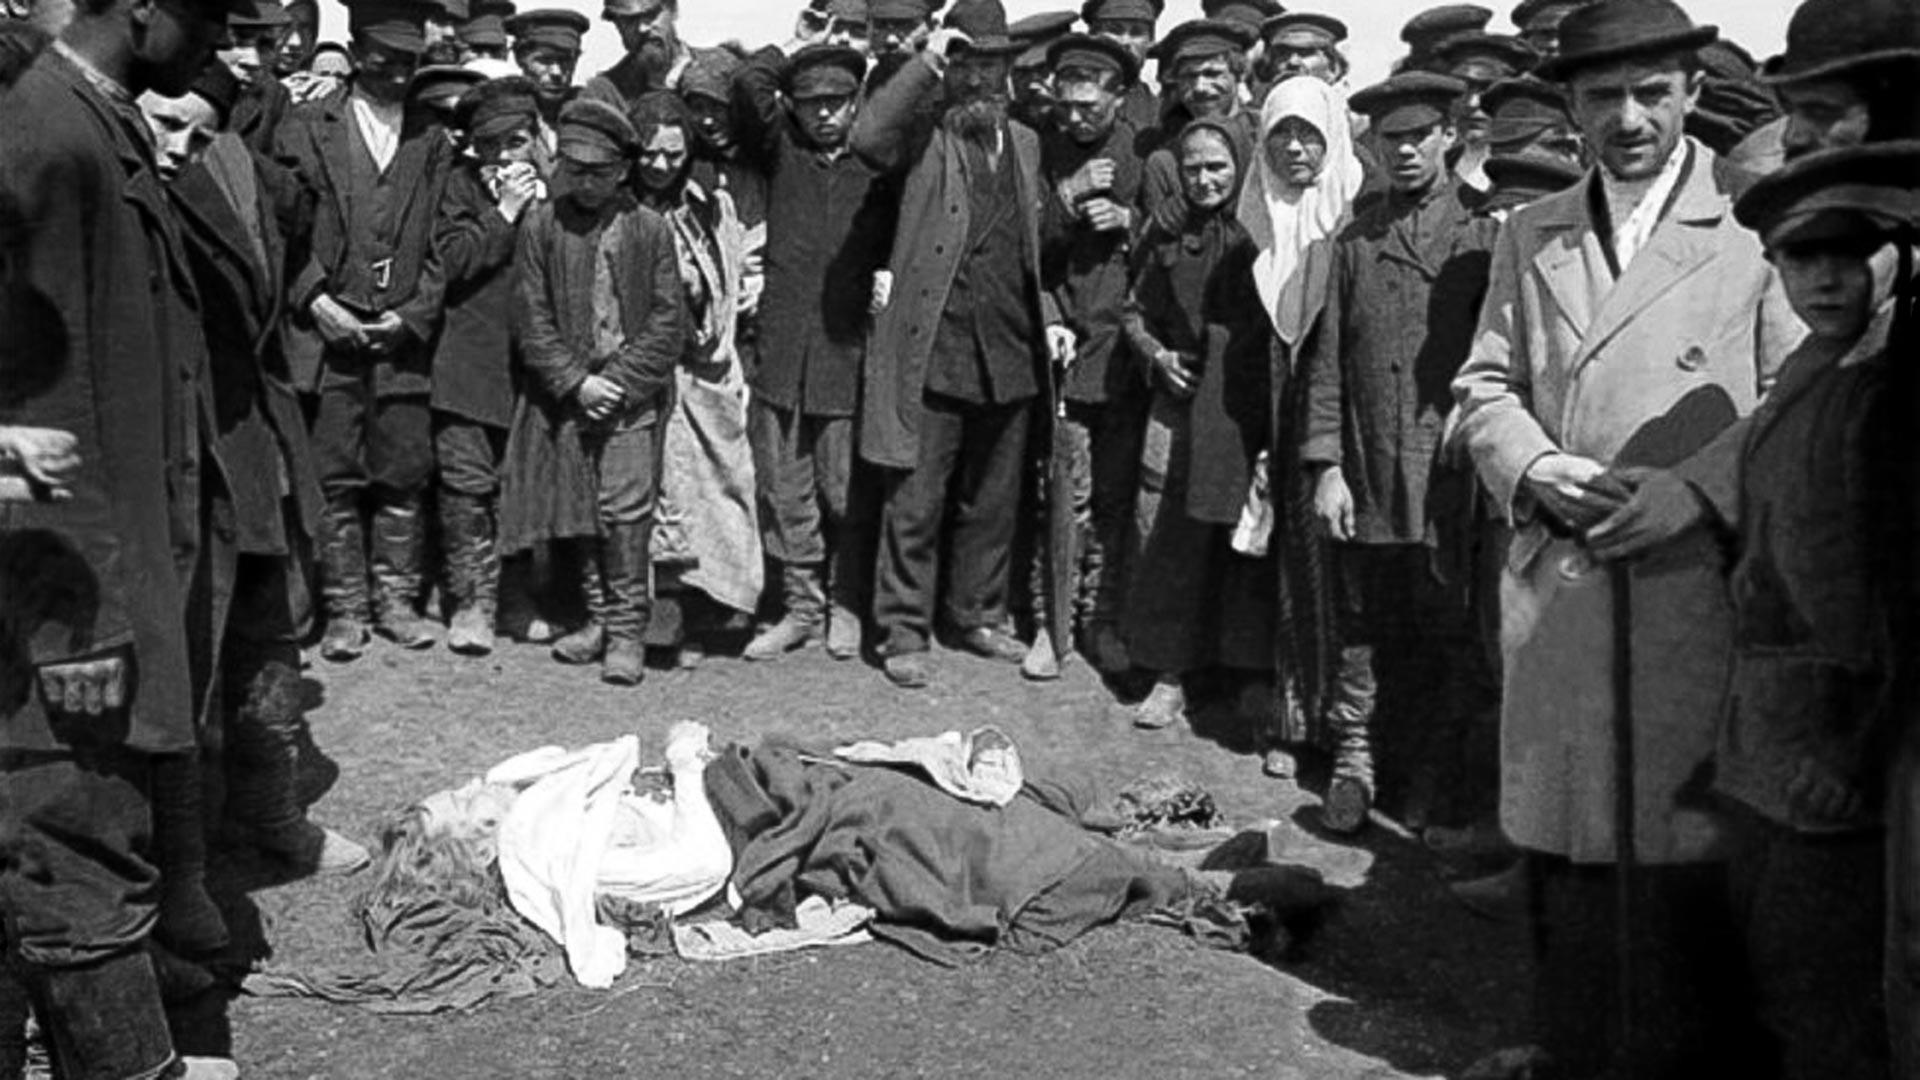 Une victime de la tragédie sur le champ de Khodynka, le 18 mai 1896